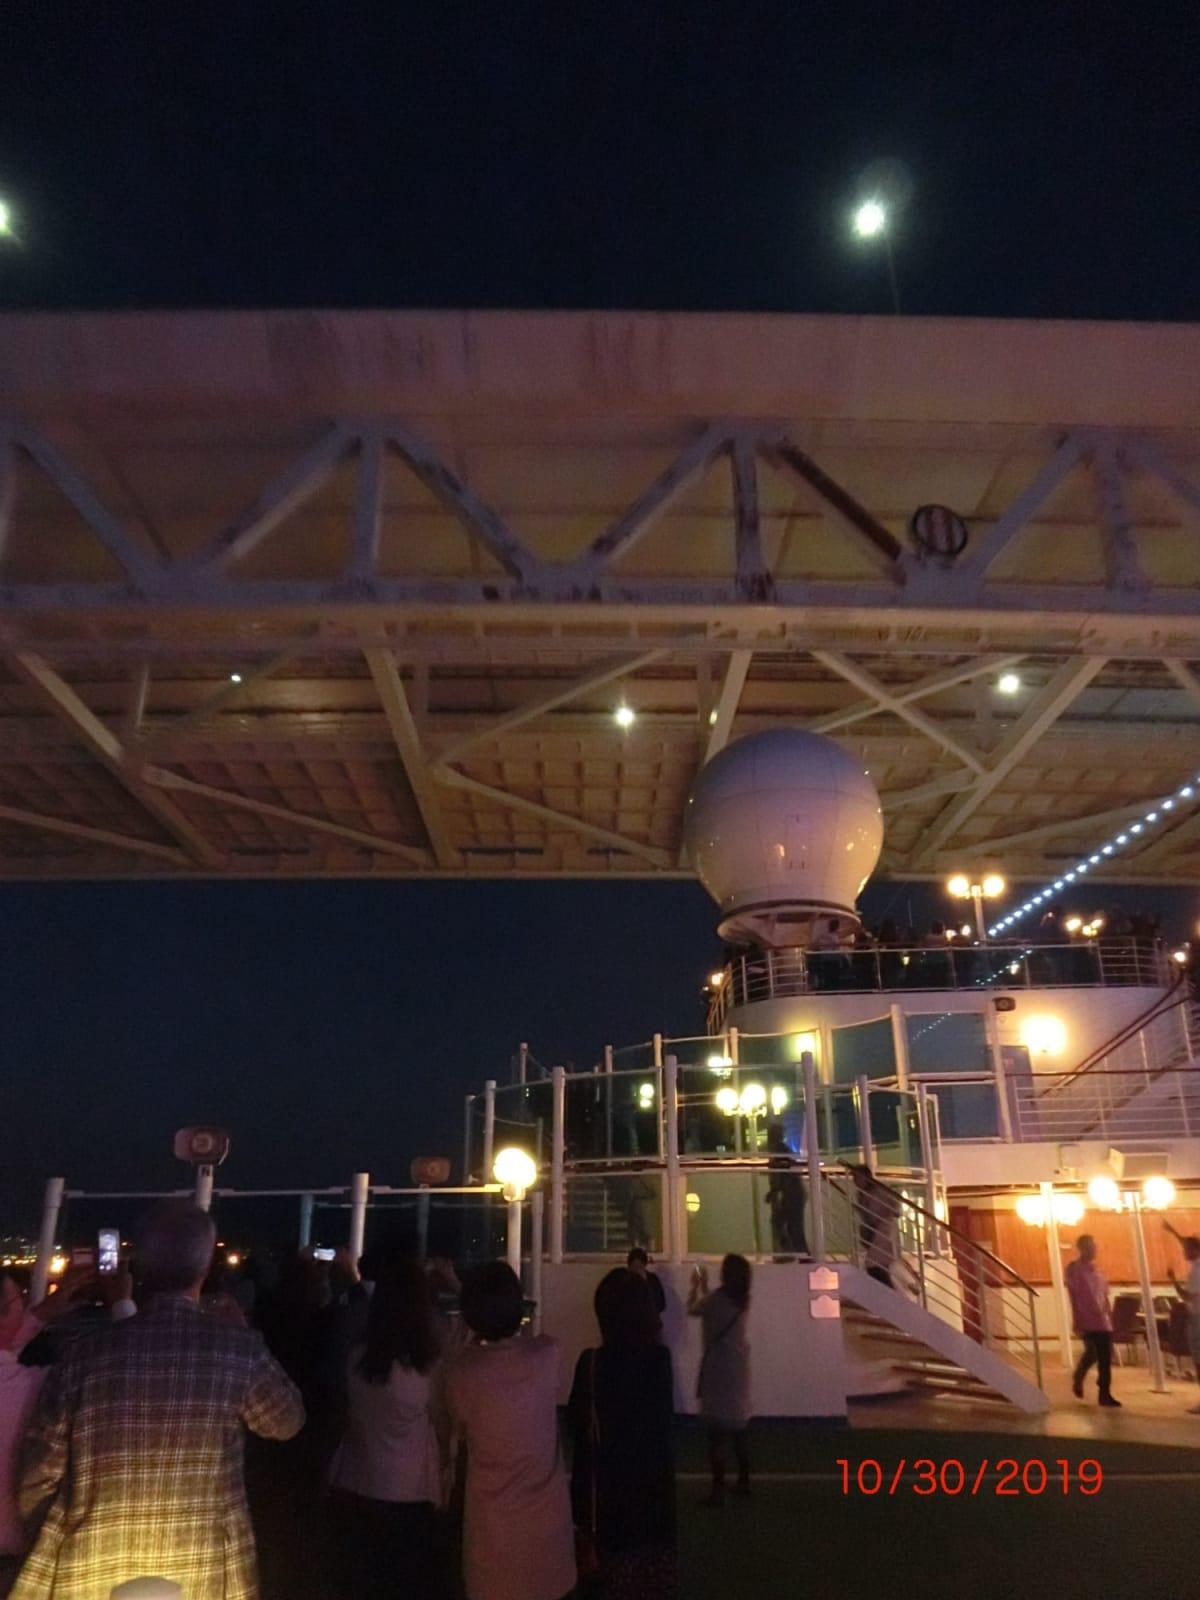 横浜での客船ダイヤモンド・プリンセス